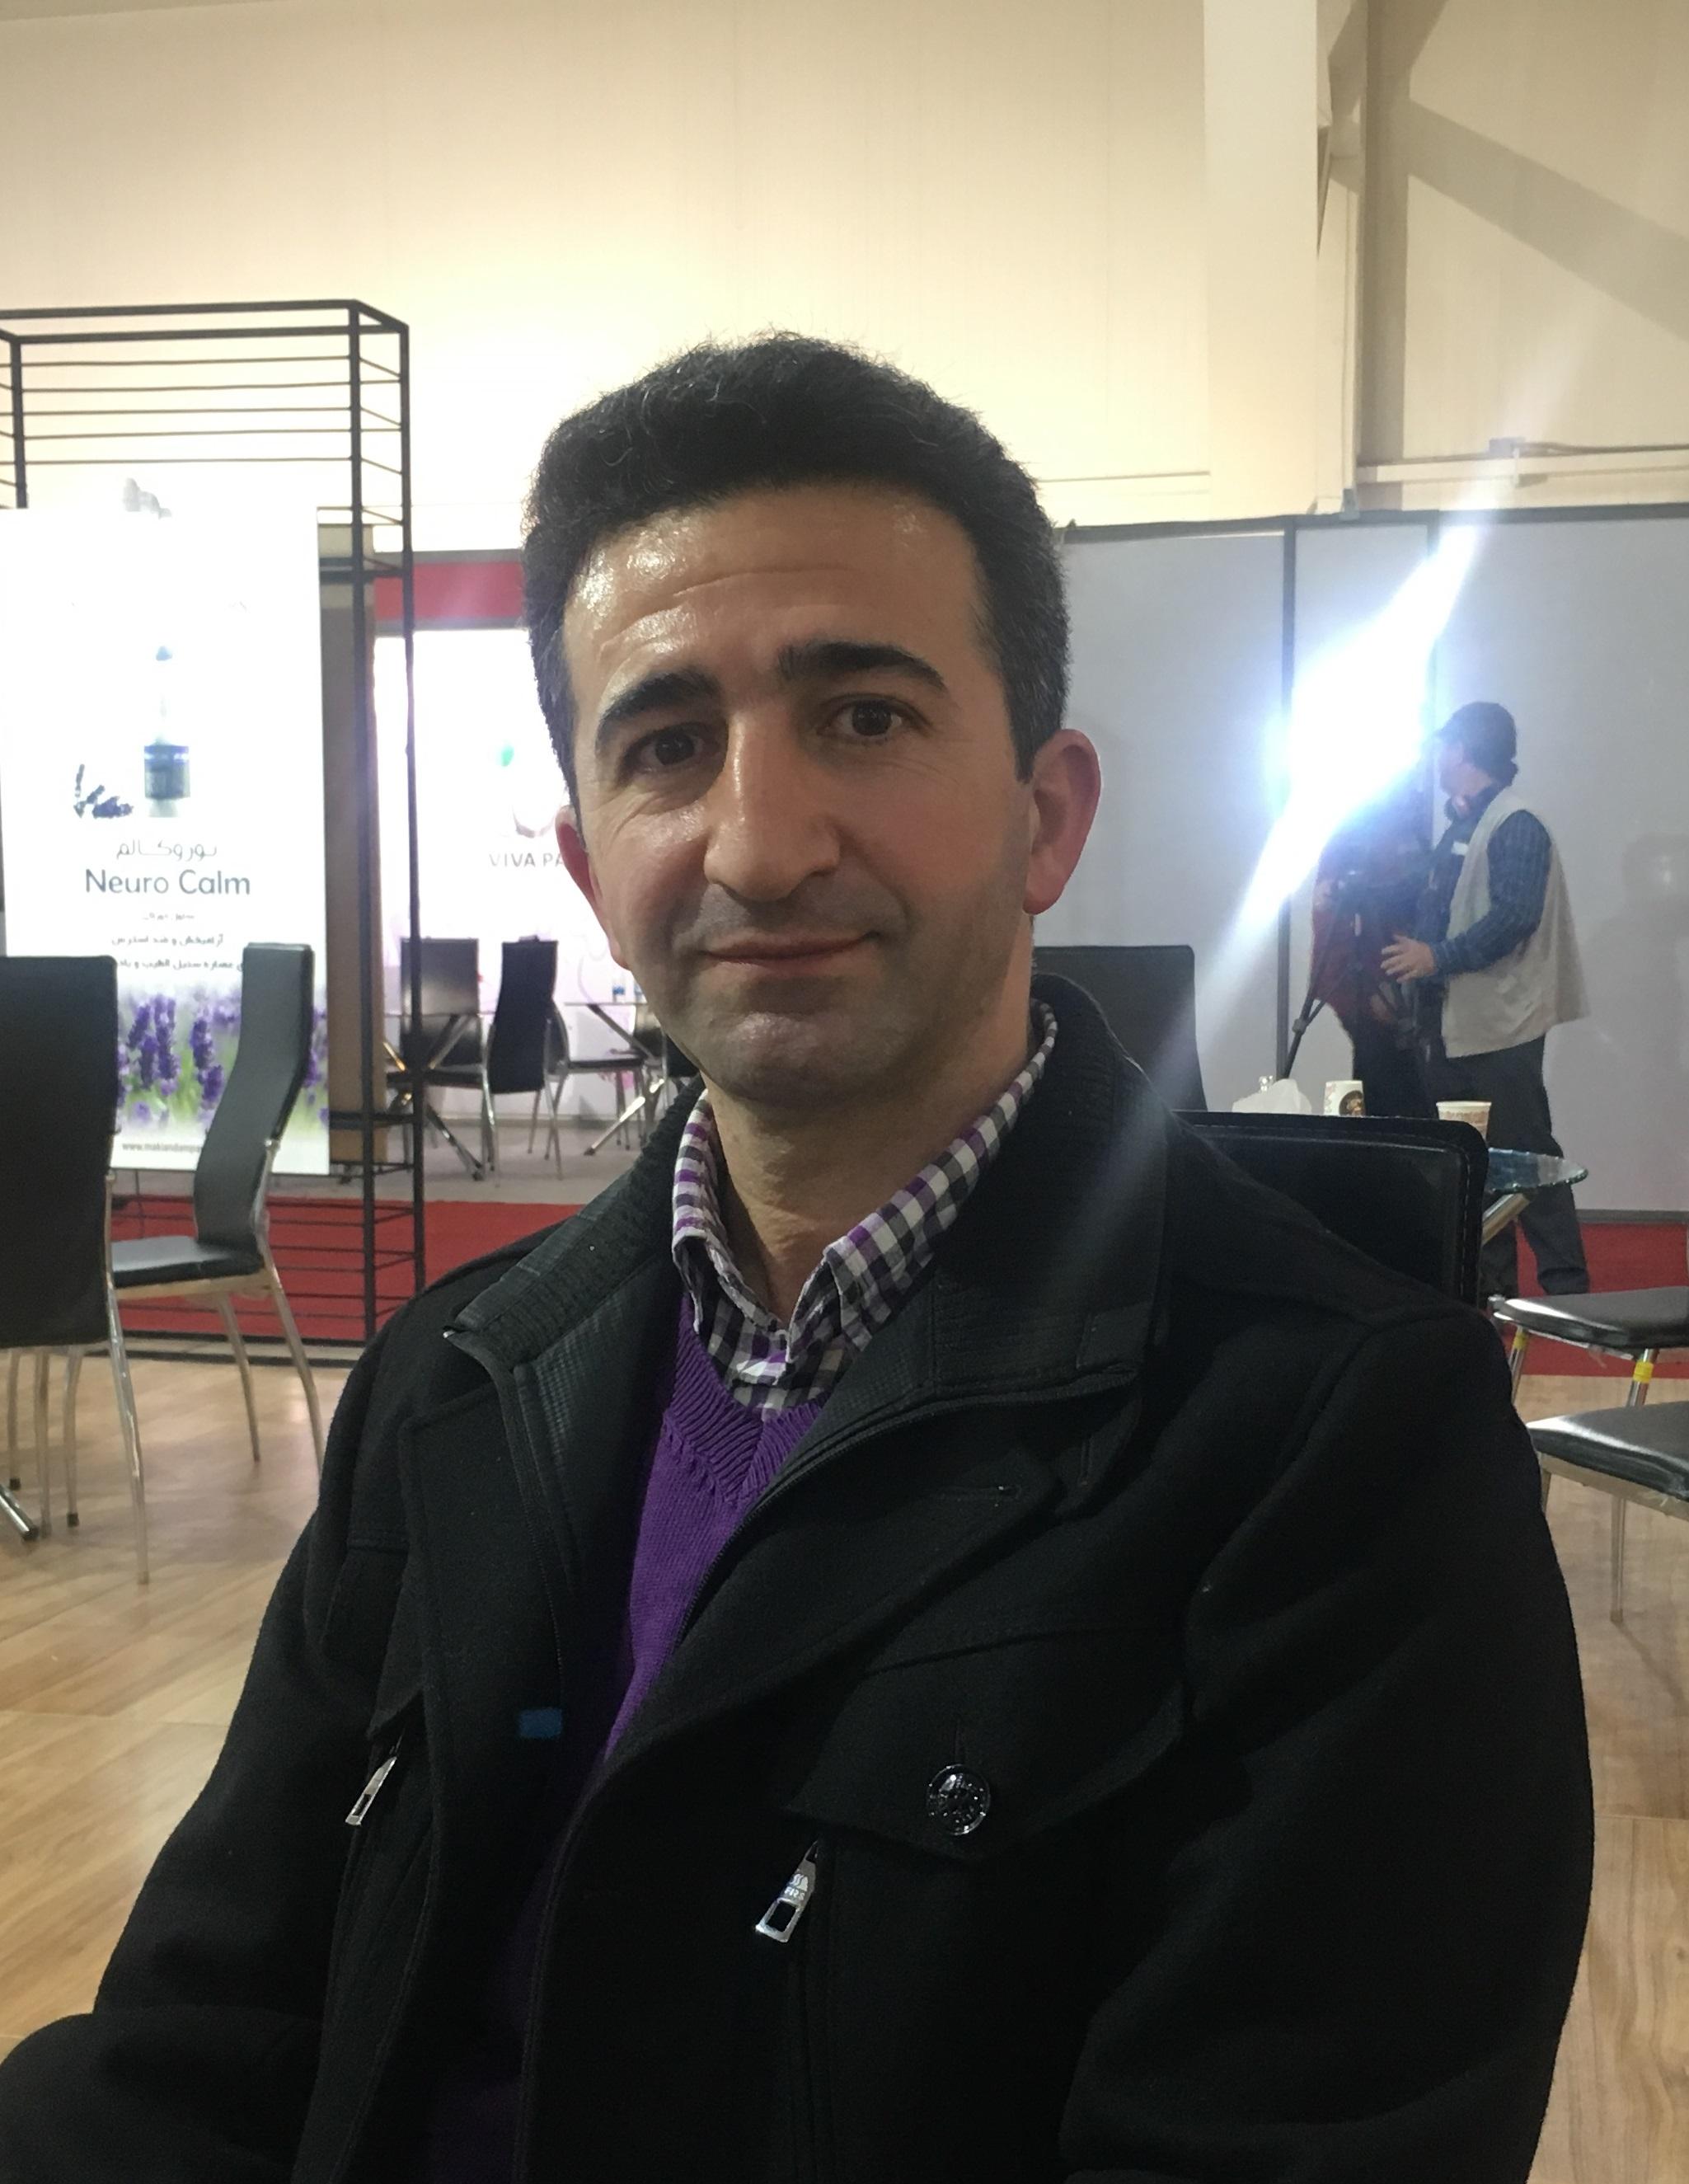 فارماکوپه به نهادهای مرجع در ایران اعتبار جهانی می دهد